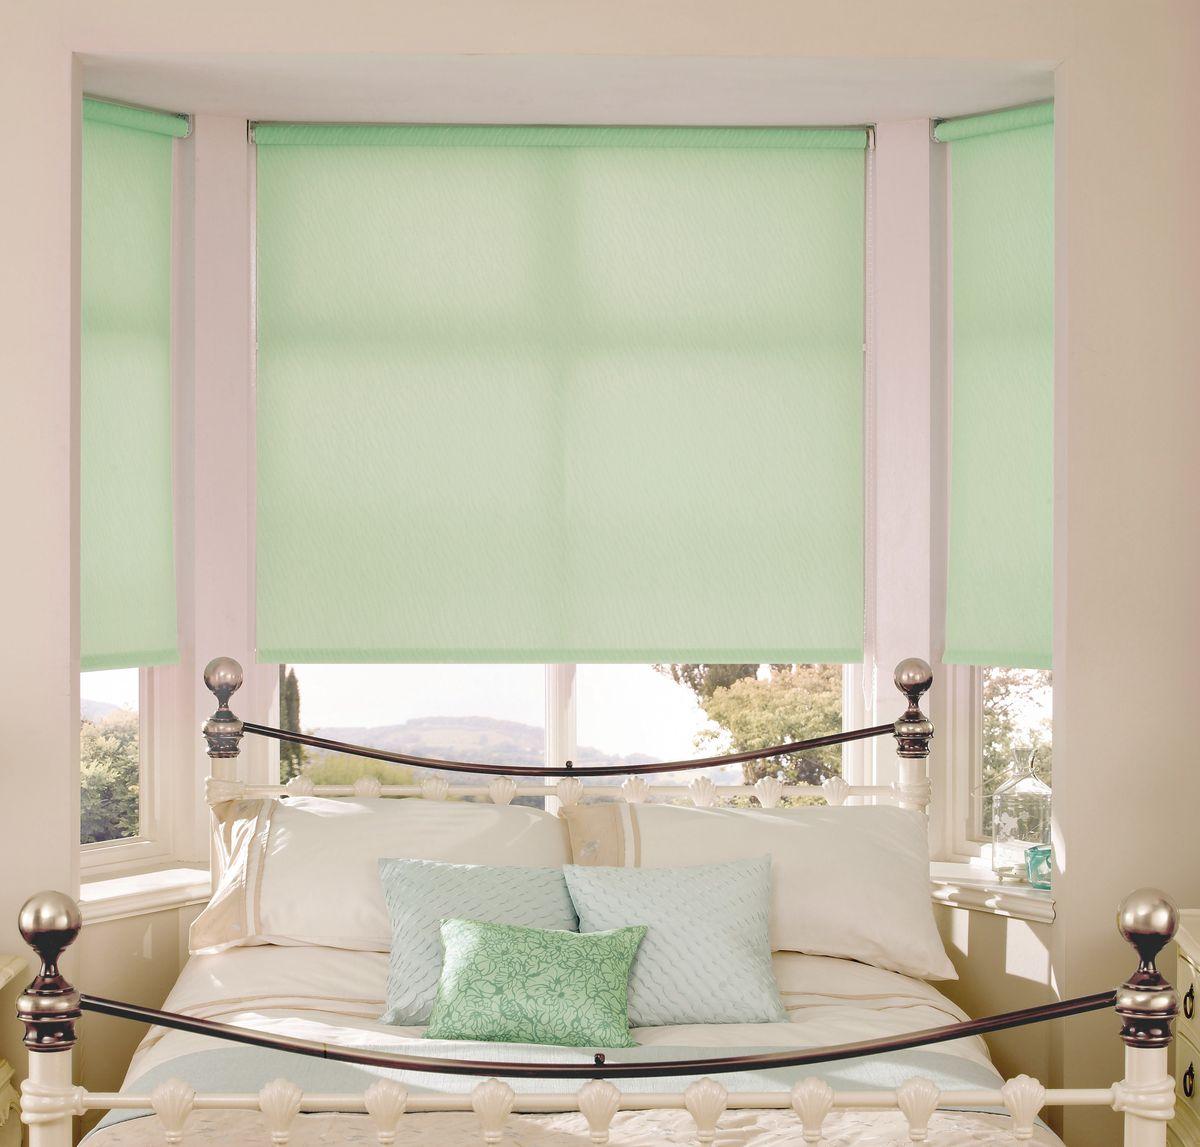 Штора рулонная Эскар Миниролло, цвет: светло-зеленый, ширина 57 см, высота 170 см19201Рулонная штора Эскар Миниролло выполнена из высокопрочной ткани, которая сохраняет свой размер даже при намокании. Ткань не выцветает и обладает отличной цветоустойчивостью.Миниролло - это подвид рулонных штор, который закрывает не весь оконный проем, а непосредственно само стекло. Такие шторы крепятся на раму без сверления при помощи зажимов или клейкой двухсторонней ленты (в комплекте). Окно остается на гарантии, благодаря монтажу без сверления. Такая штора станет прекрасным элементом декора окна и гармонично впишется в интерьер любого помещения.